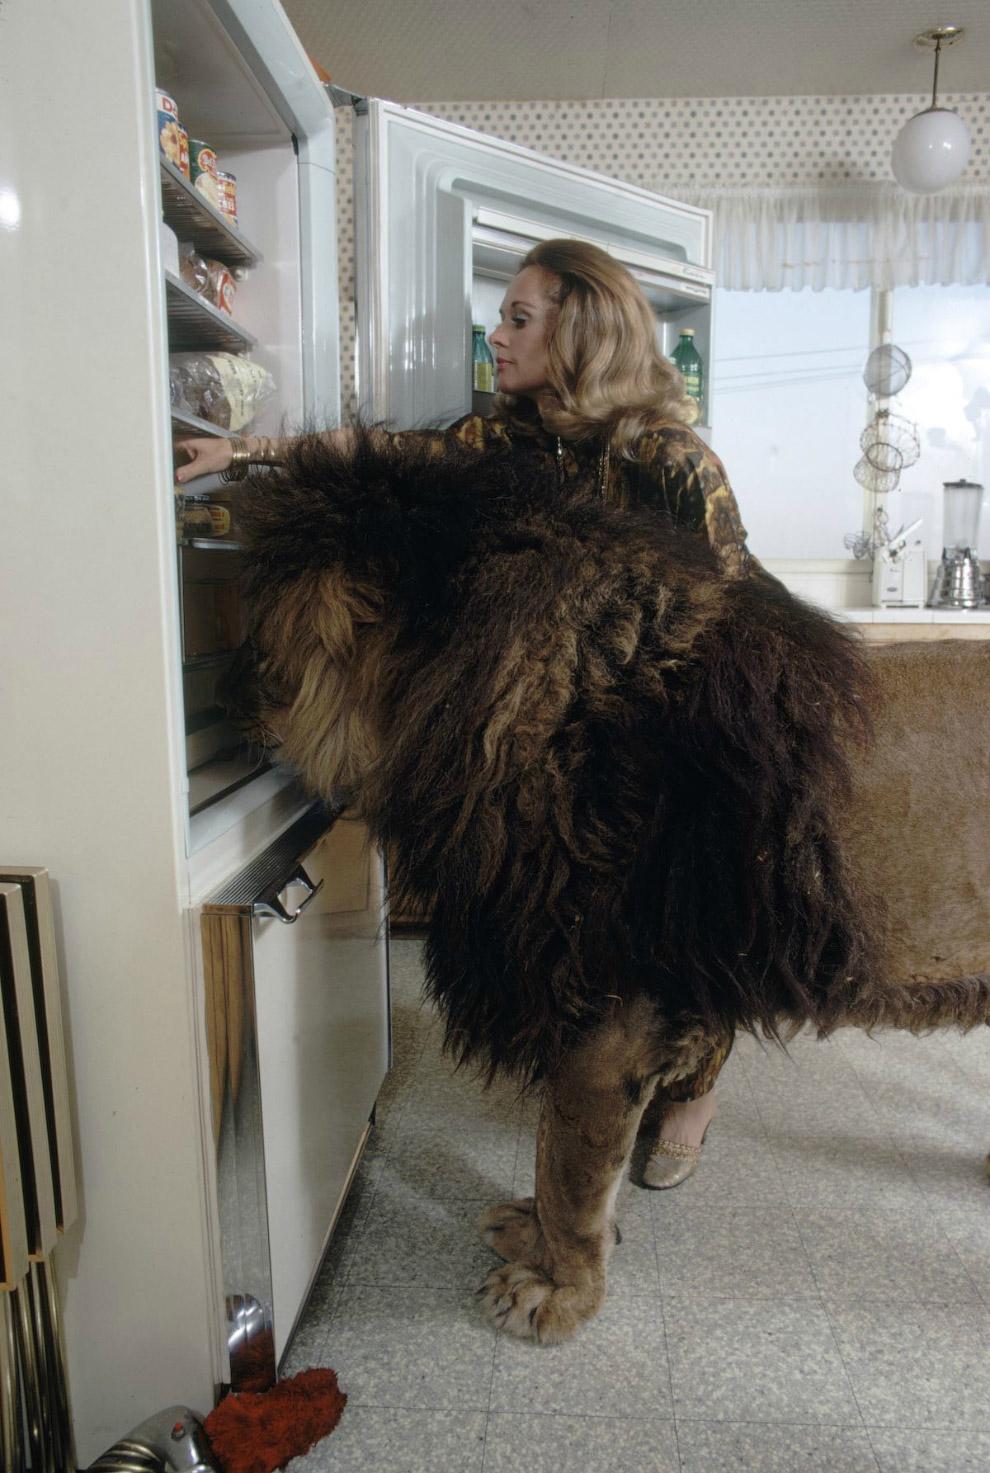 Типпи Хедрен с Нилом у холодильника